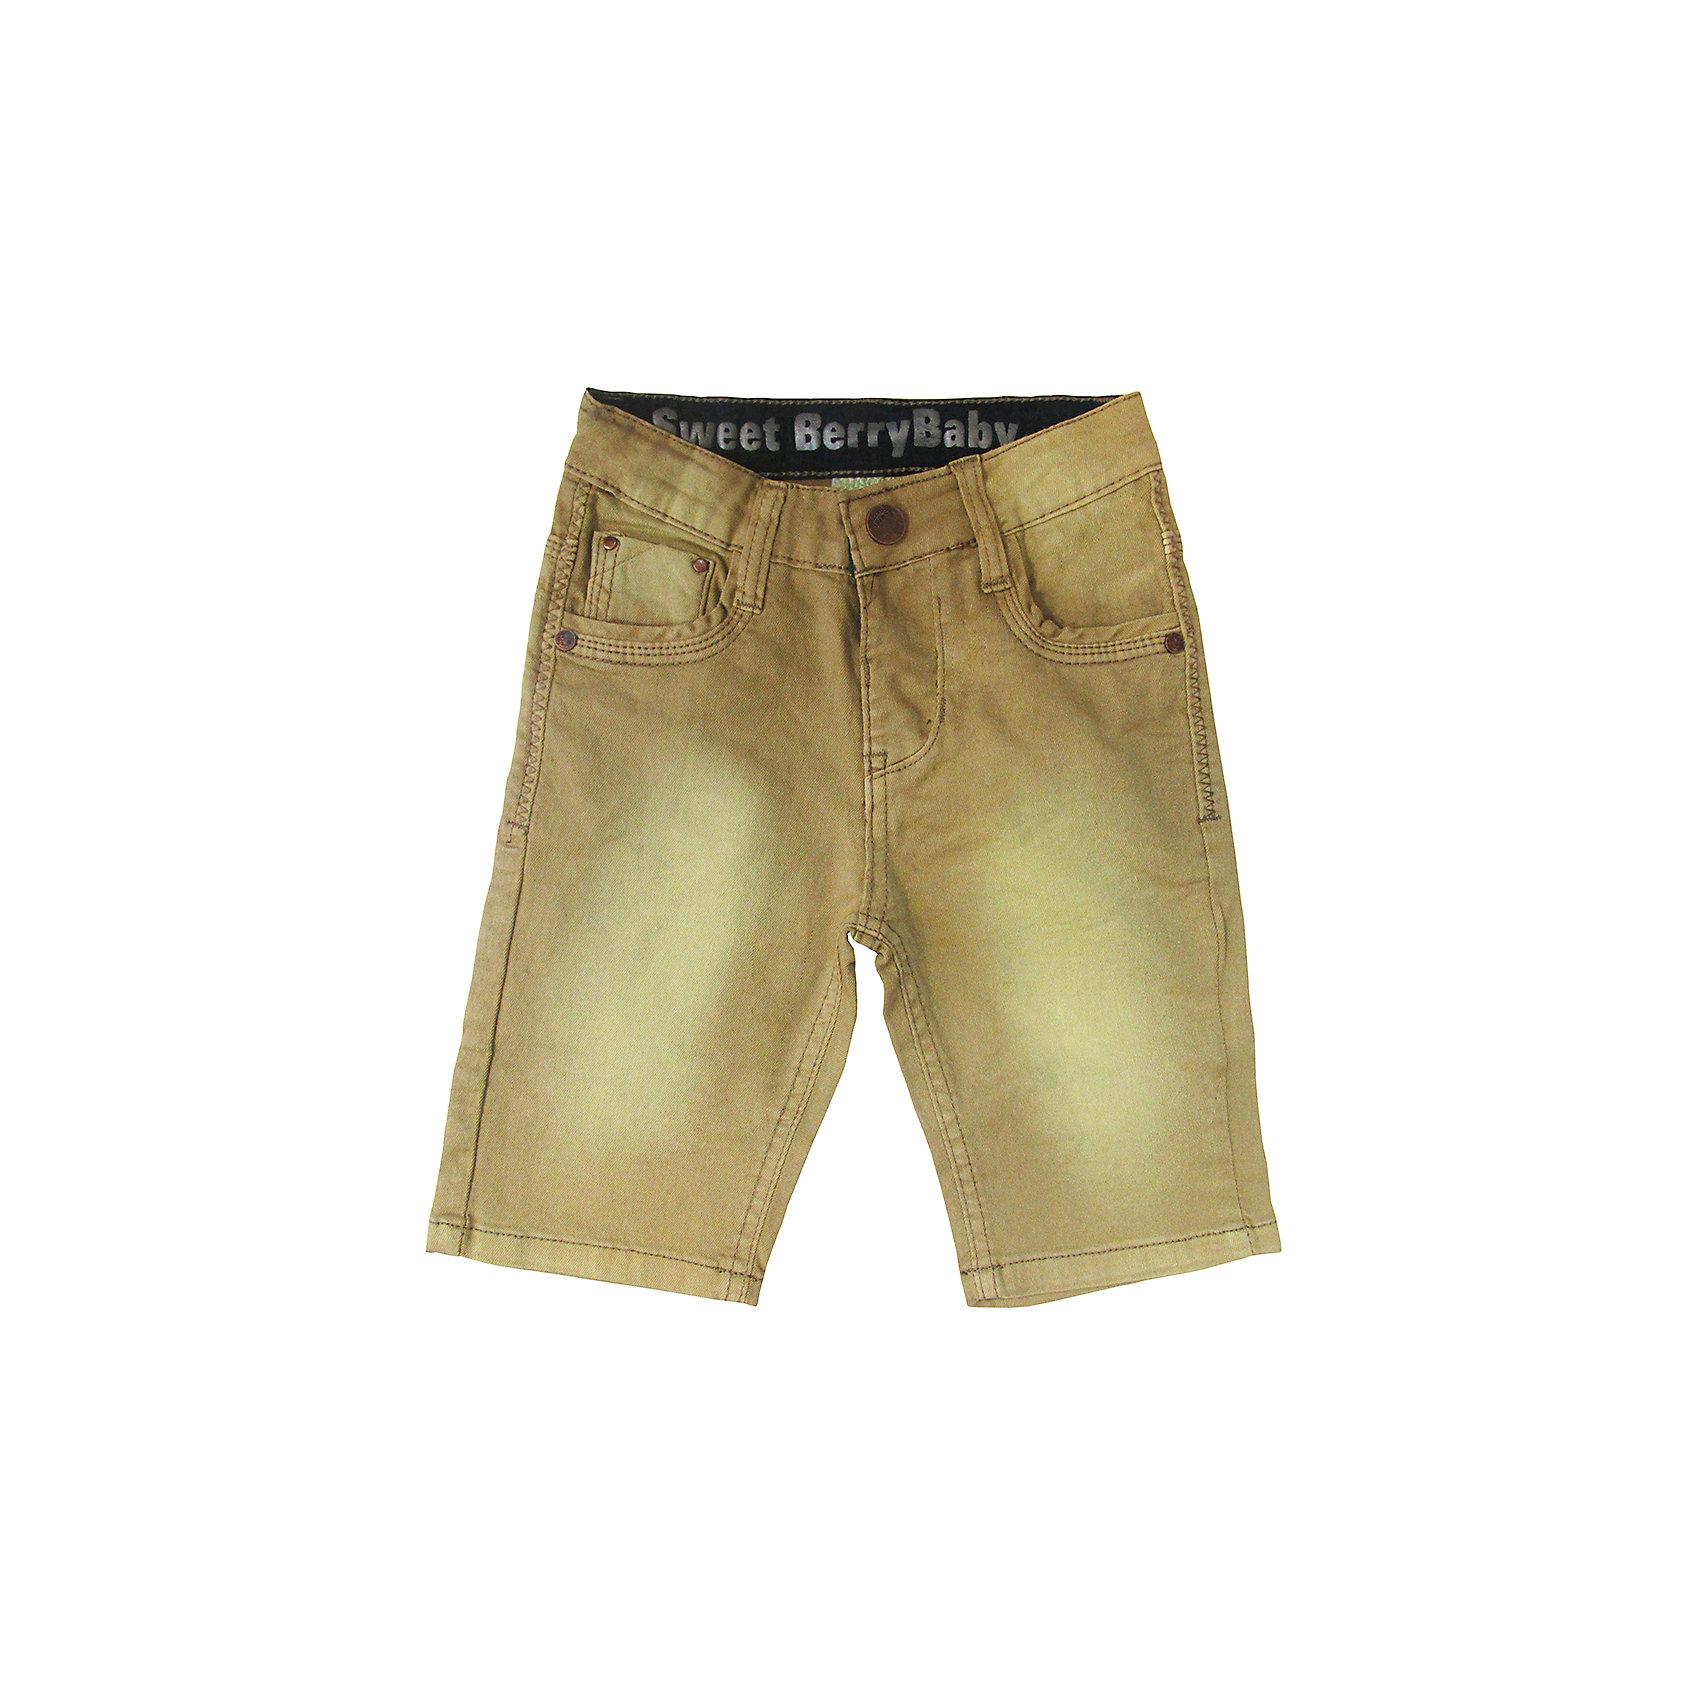 Бриджи джинсовые для мальчика Sweet BerryДжинсовая одежда<br>Джинсовые бриджи цвета хаки.  Имеют зауженный крой, среднюю посадку. Застегиваются на молнию и крючок. Шлевки на поясе рассчитаны под ремень. В боковой части пояса находятся вшитые эластичные ленты, регулирующие посадку по талии.<br>Состав:<br>98%хлопок 2%эластан<br><br>Ширина мм: 215<br>Глубина мм: 88<br>Высота мм: 191<br>Вес г: 336<br>Цвет: коричневый<br>Возраст от месяцев: 12<br>Возраст до месяцев: 15<br>Пол: Мужской<br>Возраст: Детский<br>Размер: 80,86,92,98<br>SKU: 5411452